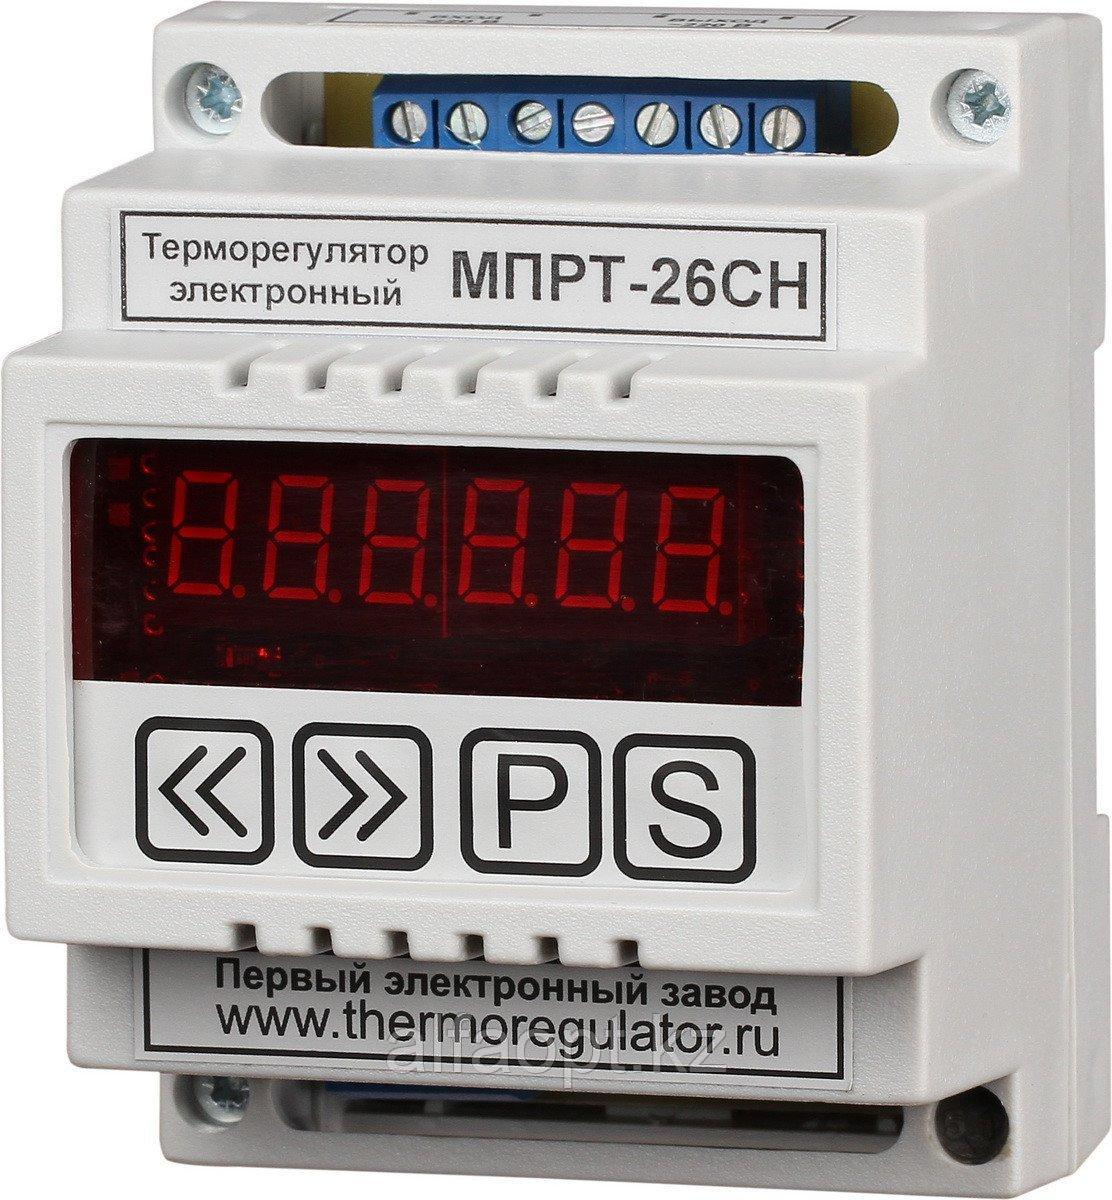 Терморегулятор МПРТ-26СН 1 кВт с датчиками KTY-81-110 цифровое управление DIN